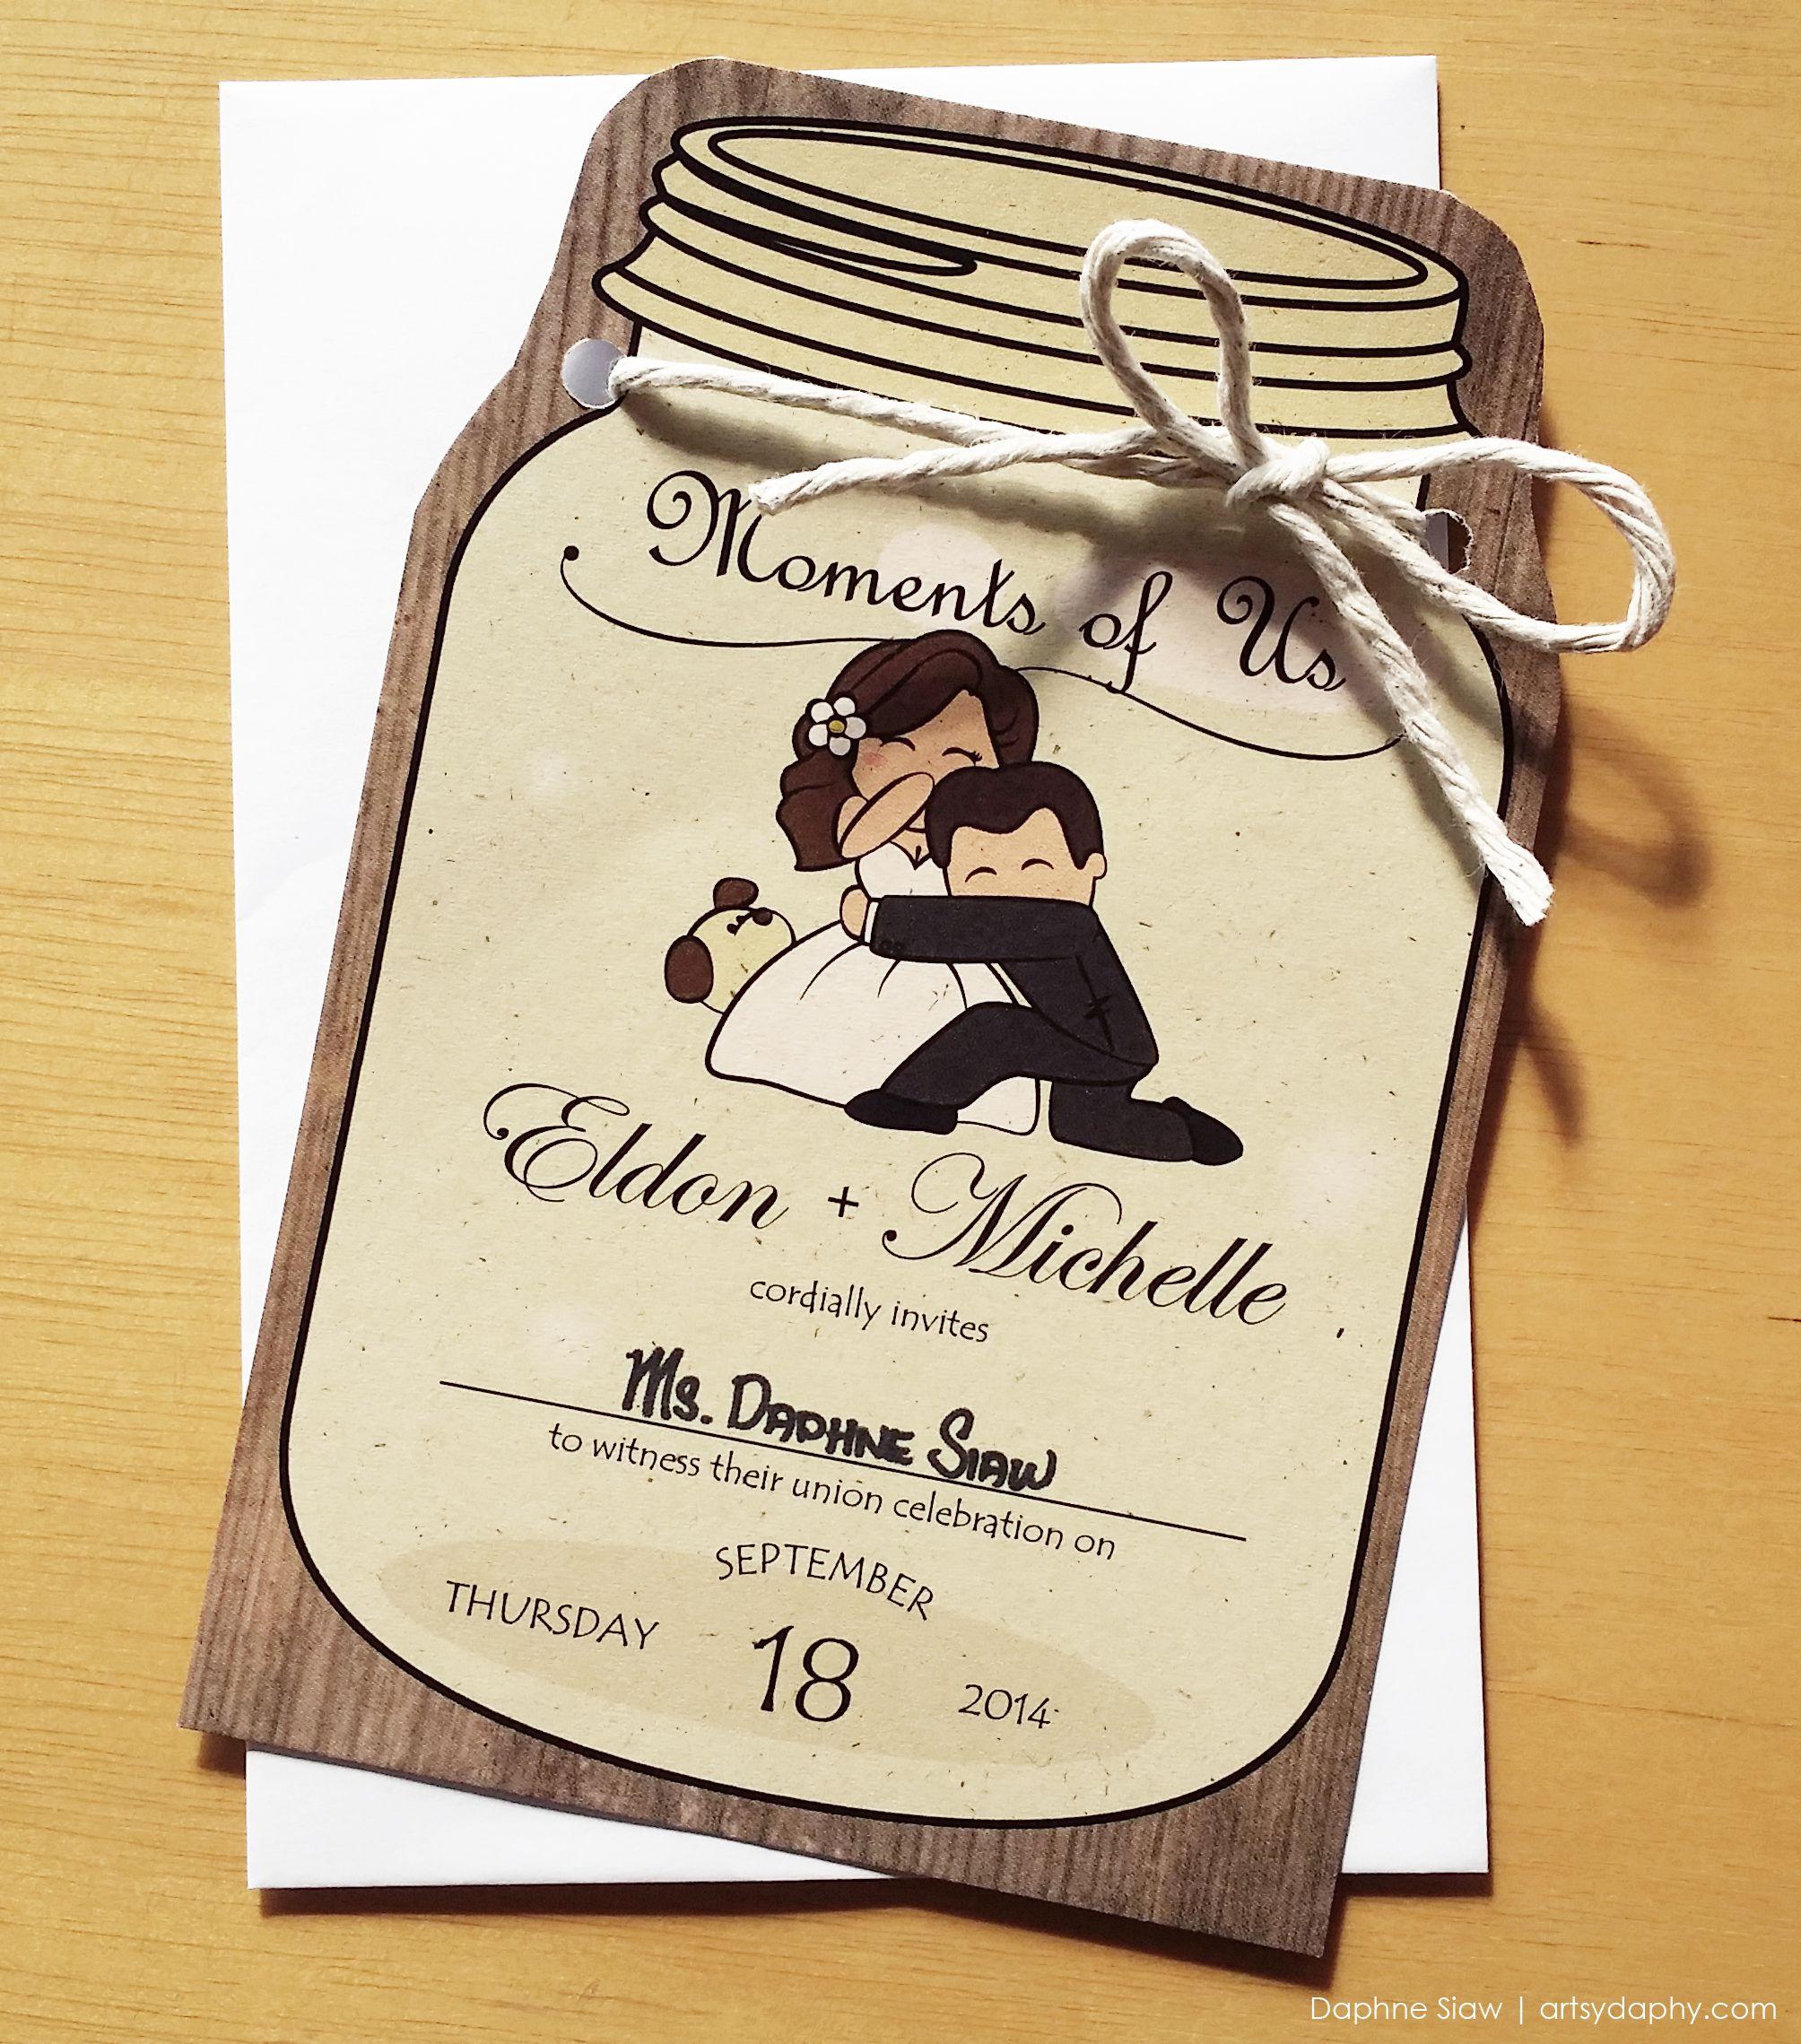 Cute Wedding Invitation: Cute Wedding Invitation Card Designed For Eldon & Michelle